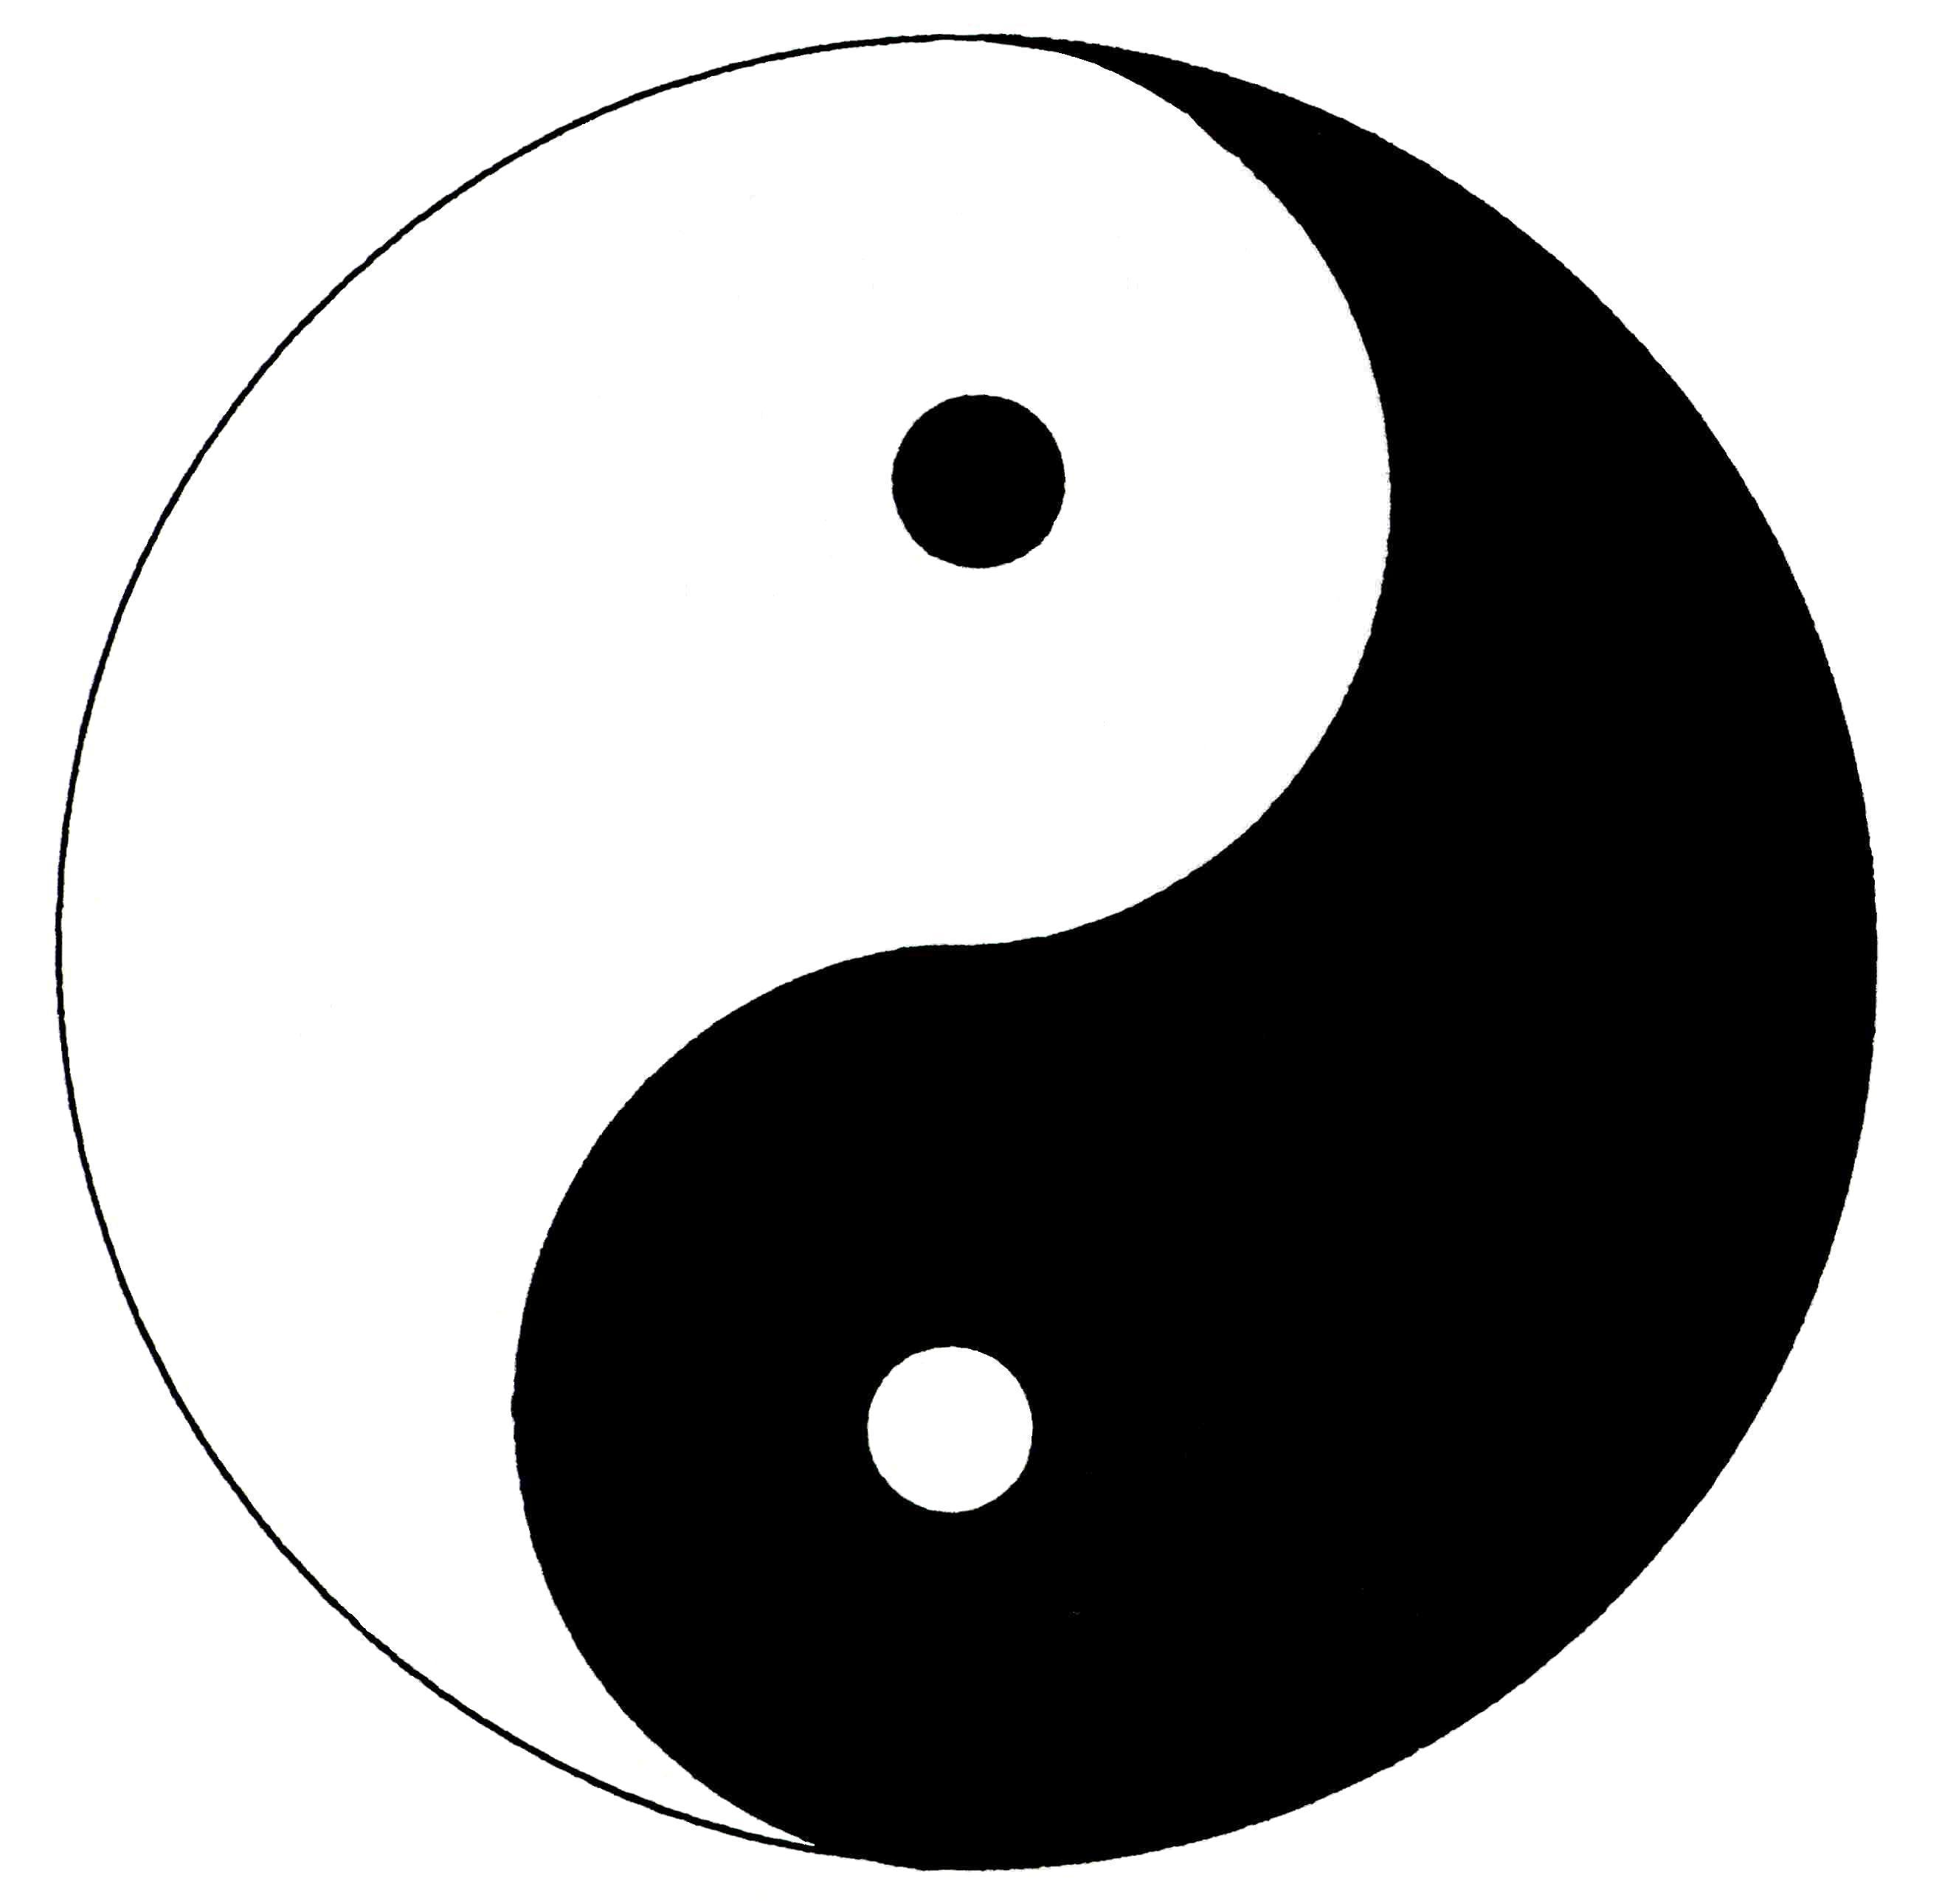 taoism essay doorway taoism essay sunsetsailstourscom